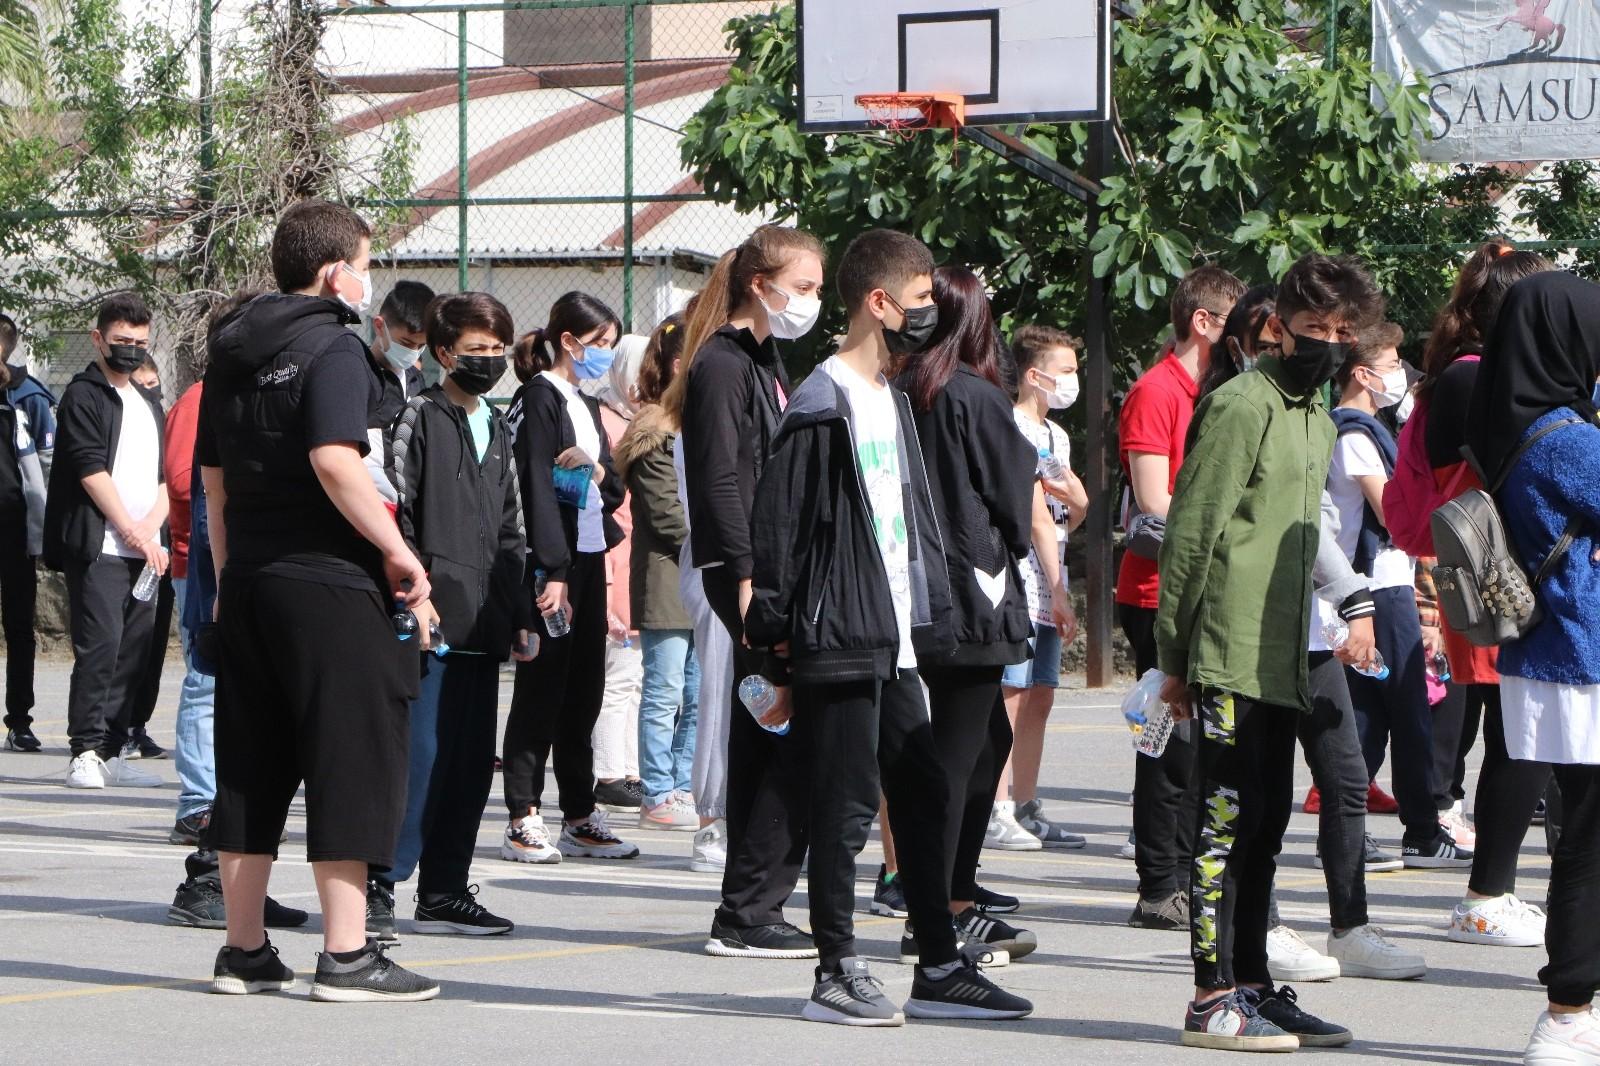 Samsun'da korona virüs gölgesinde LGS heyecanı